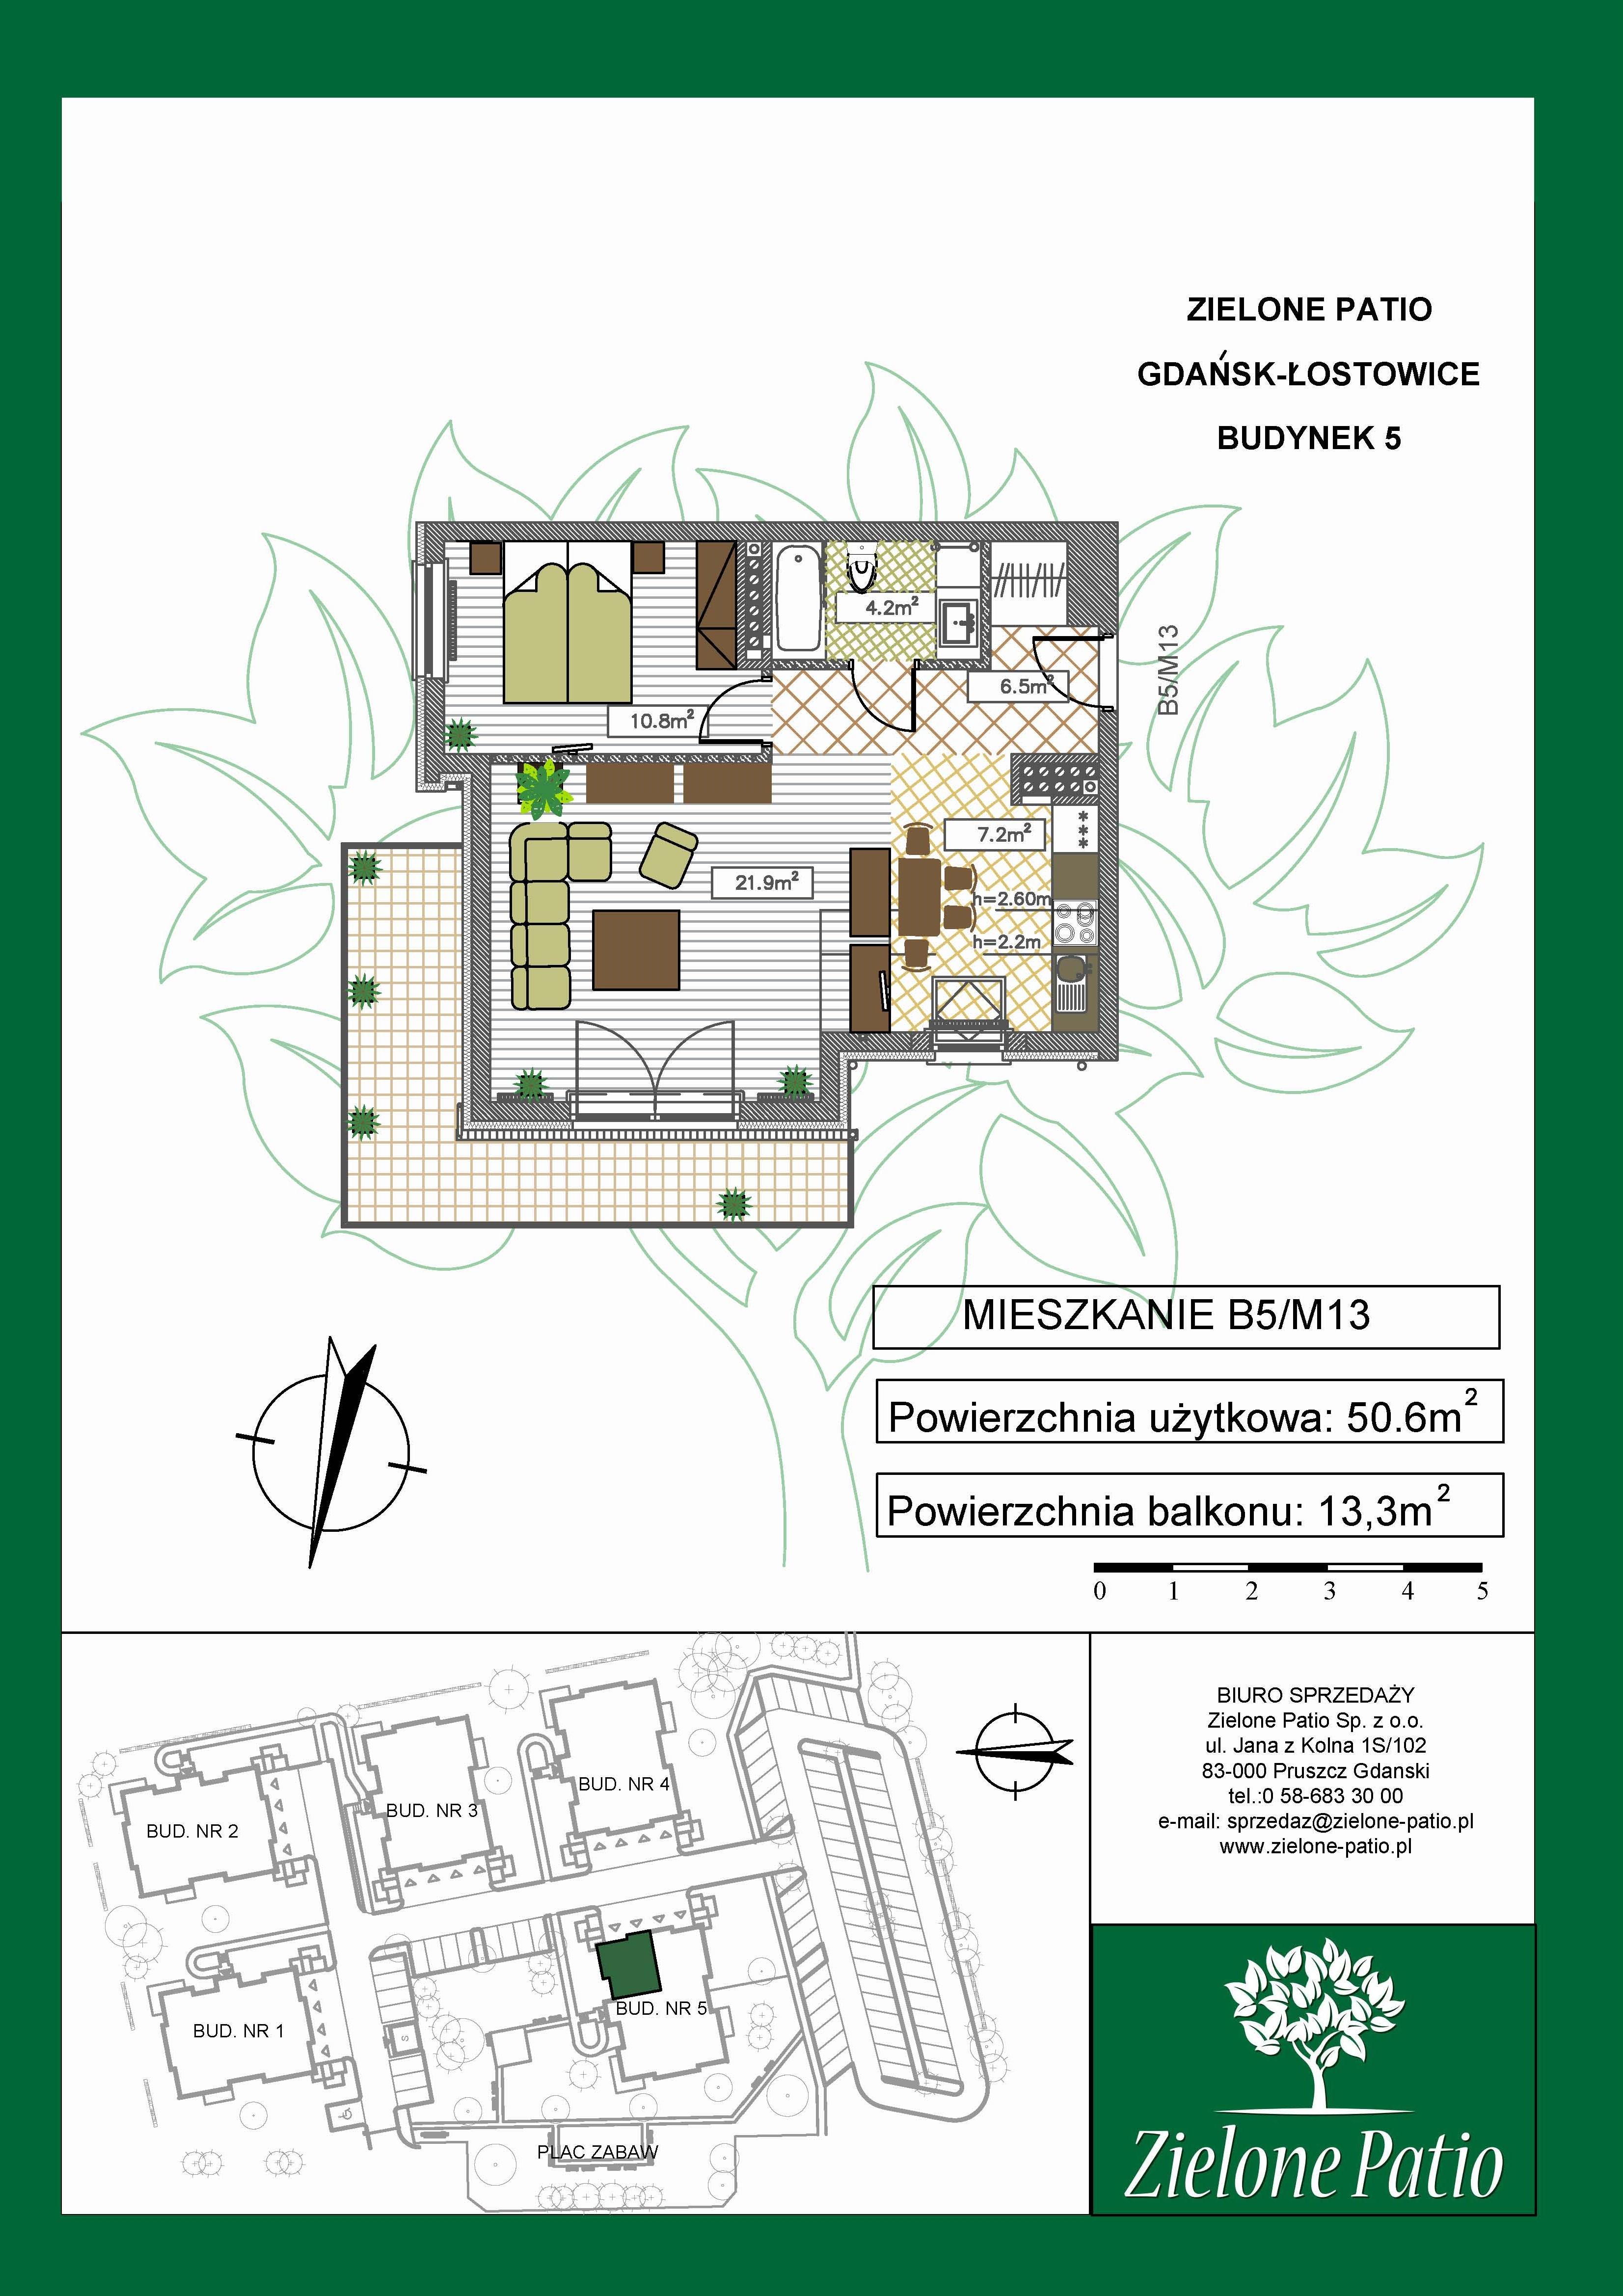 Plan M13 Zielone Patio, Budynek nr 5